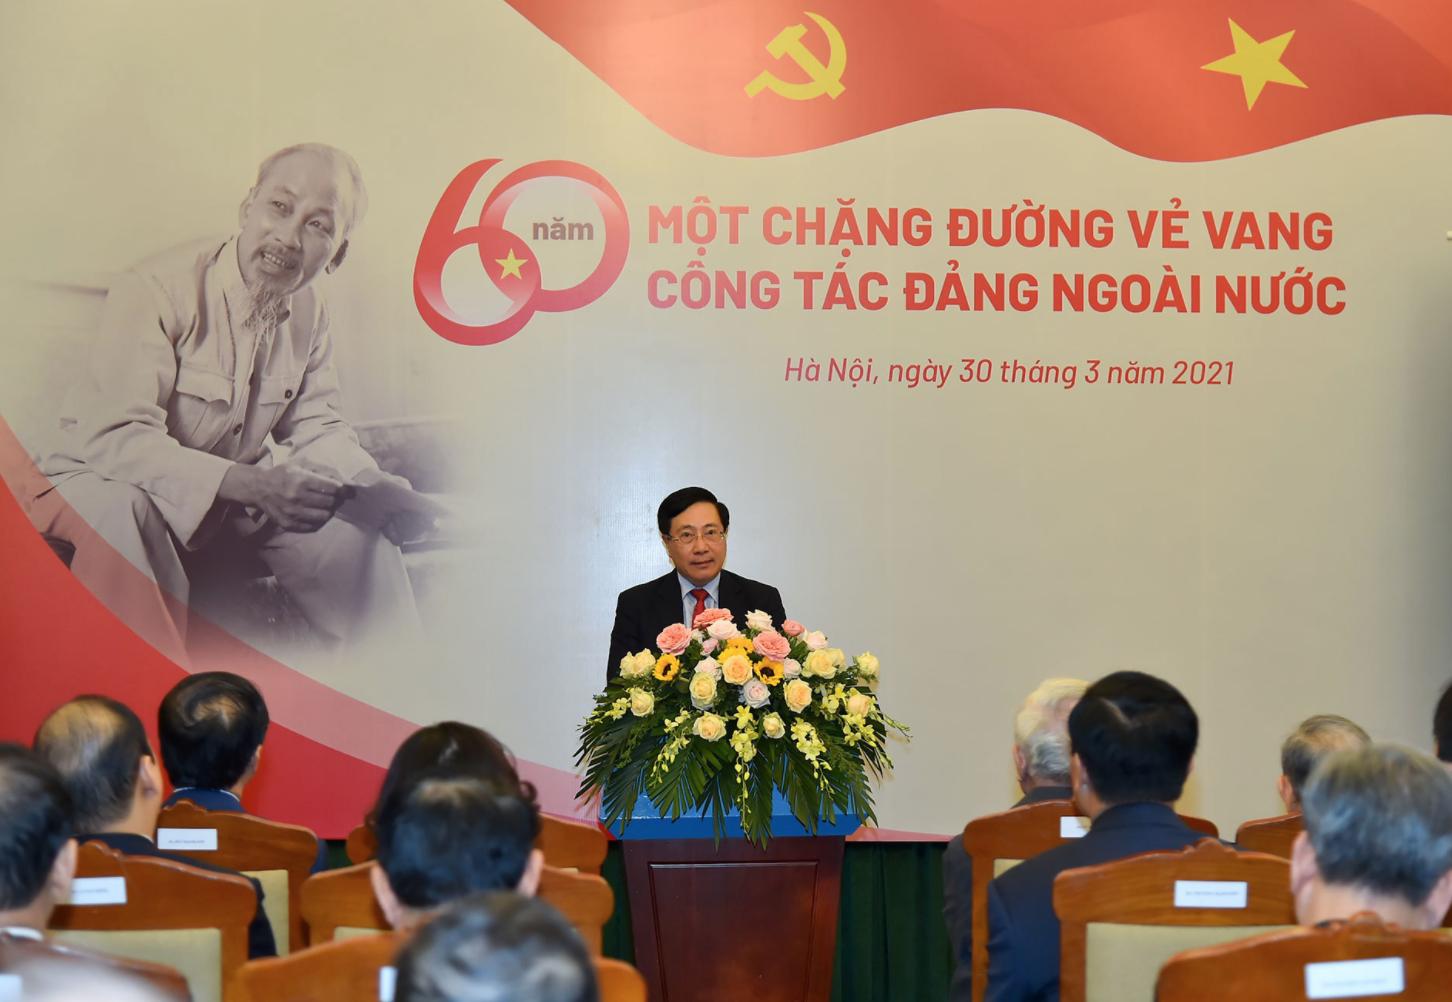 Nhà cầm quyền cộng sản cố gắng tìm người Việt ở ngoại quốc để kết nạp đảng viên